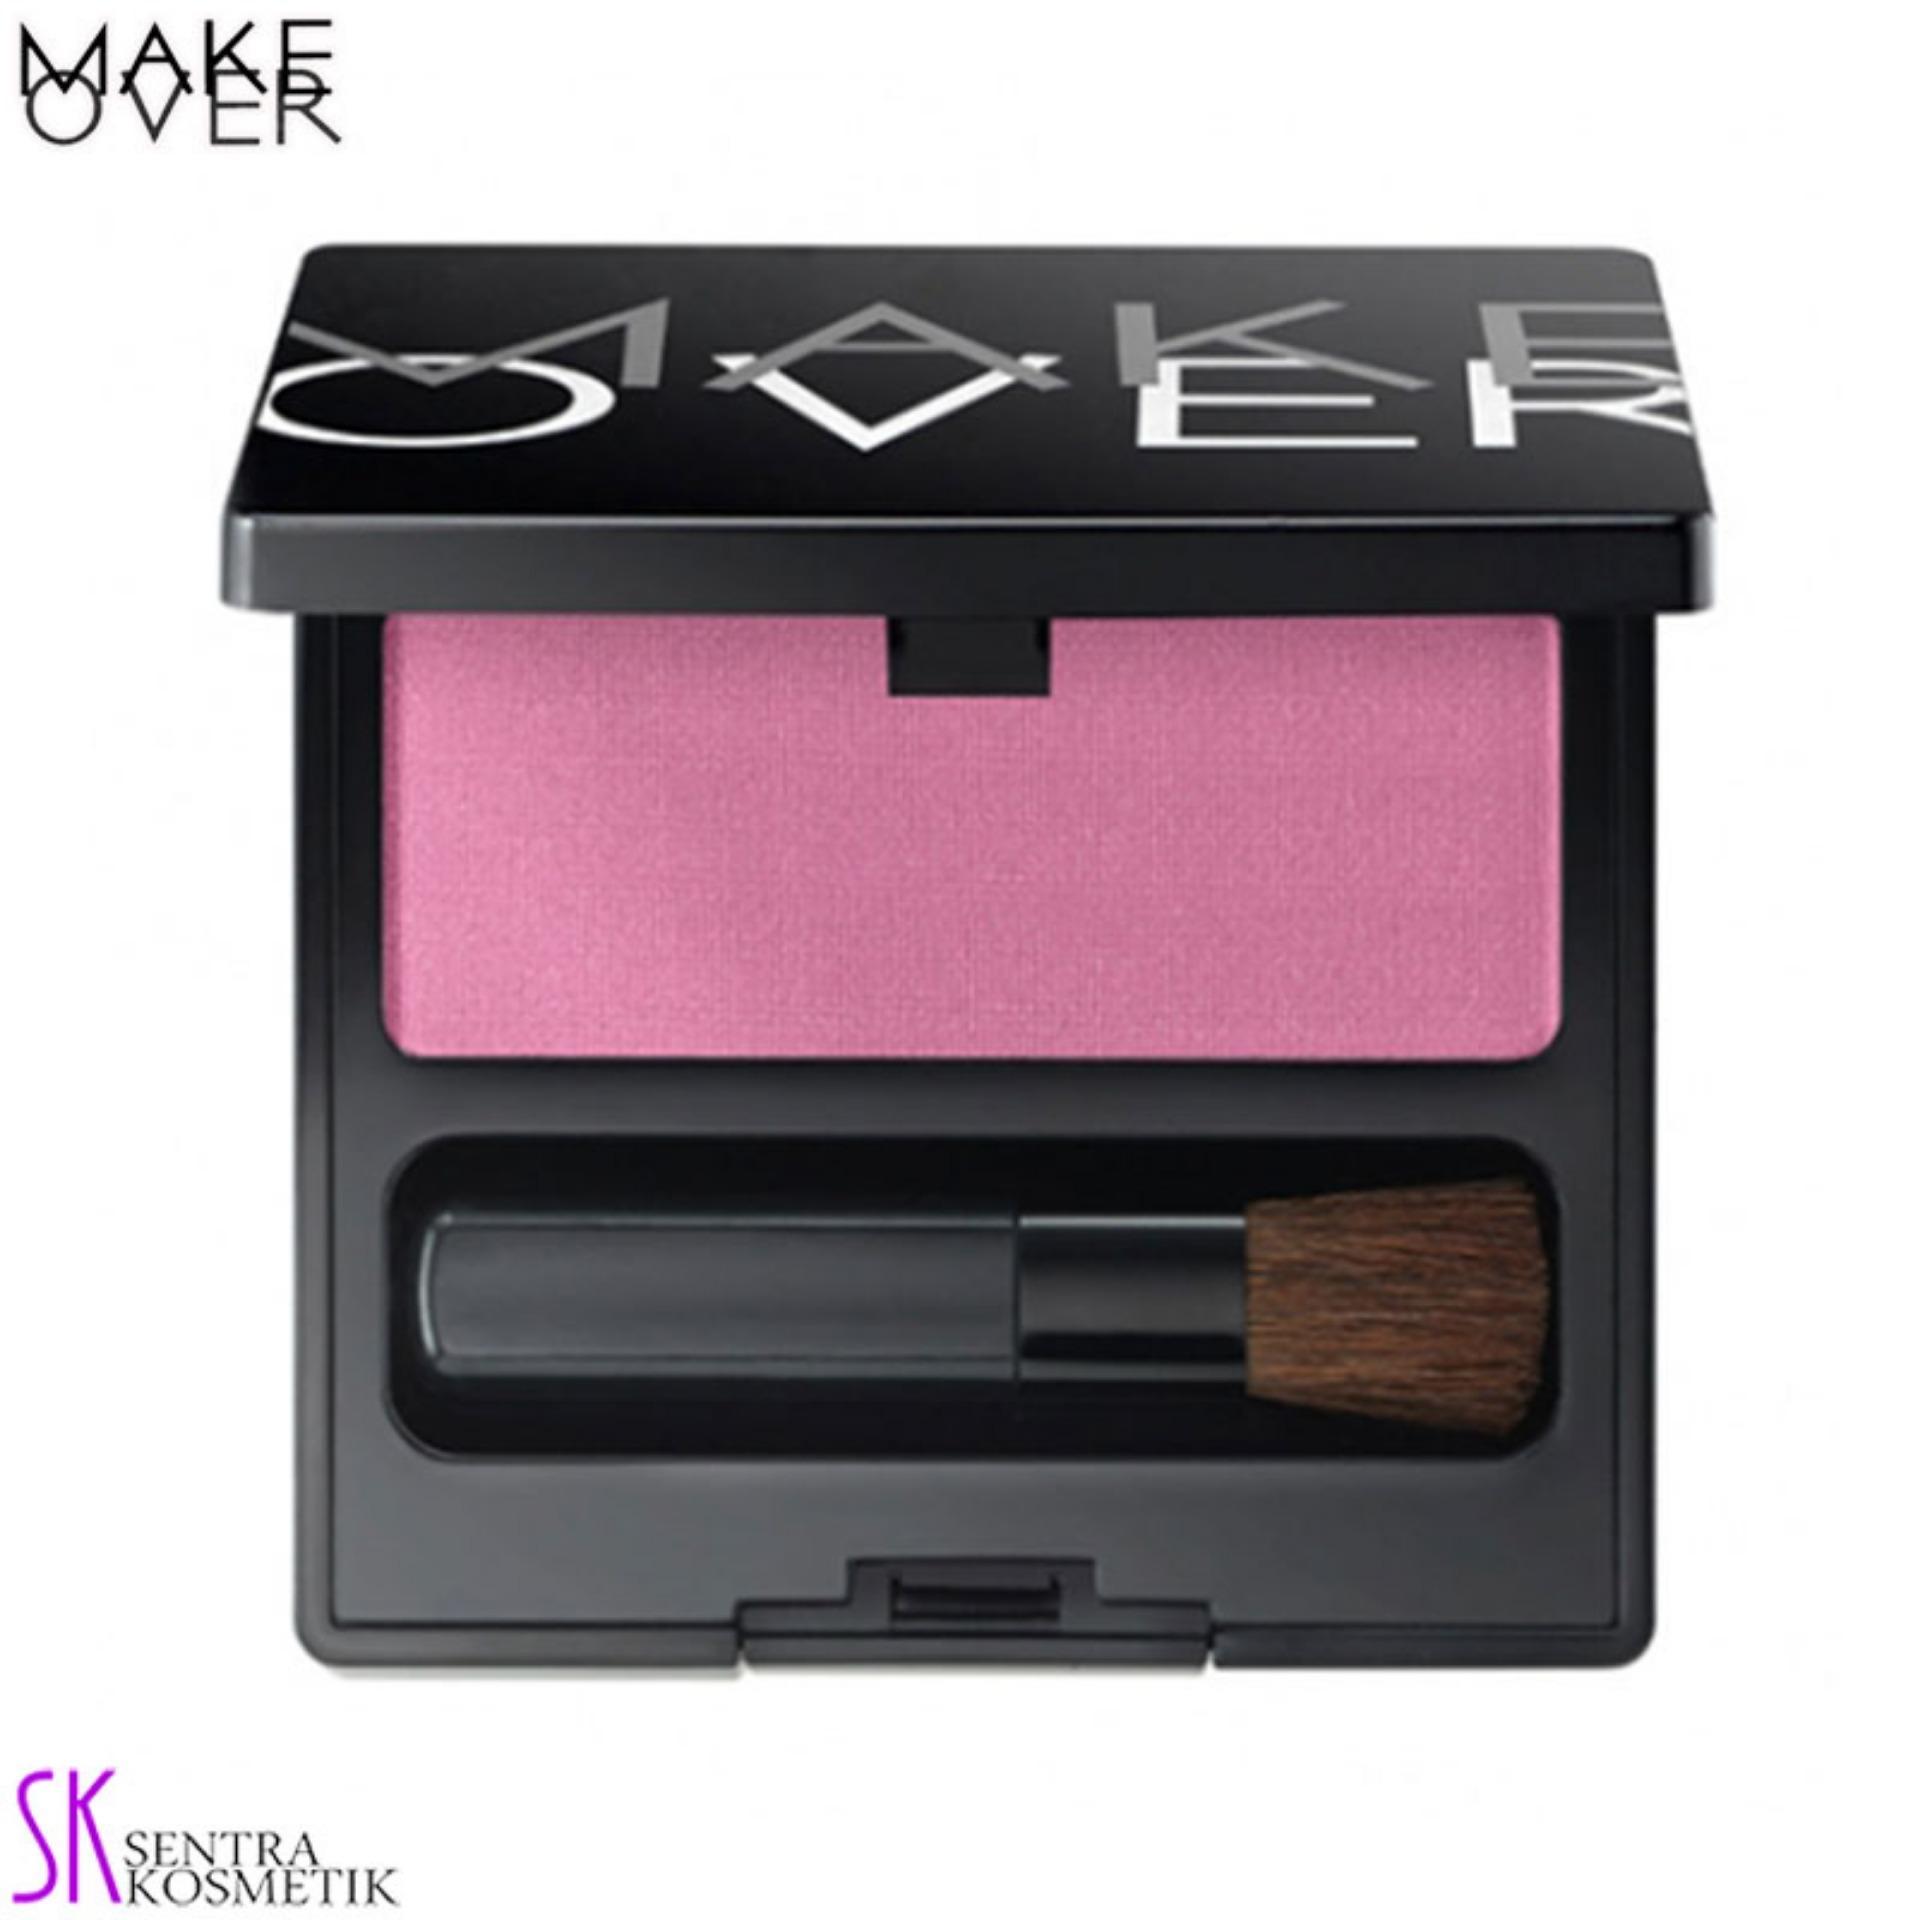 MAKE OVER Blush On Single 01 - Pink Fantastist